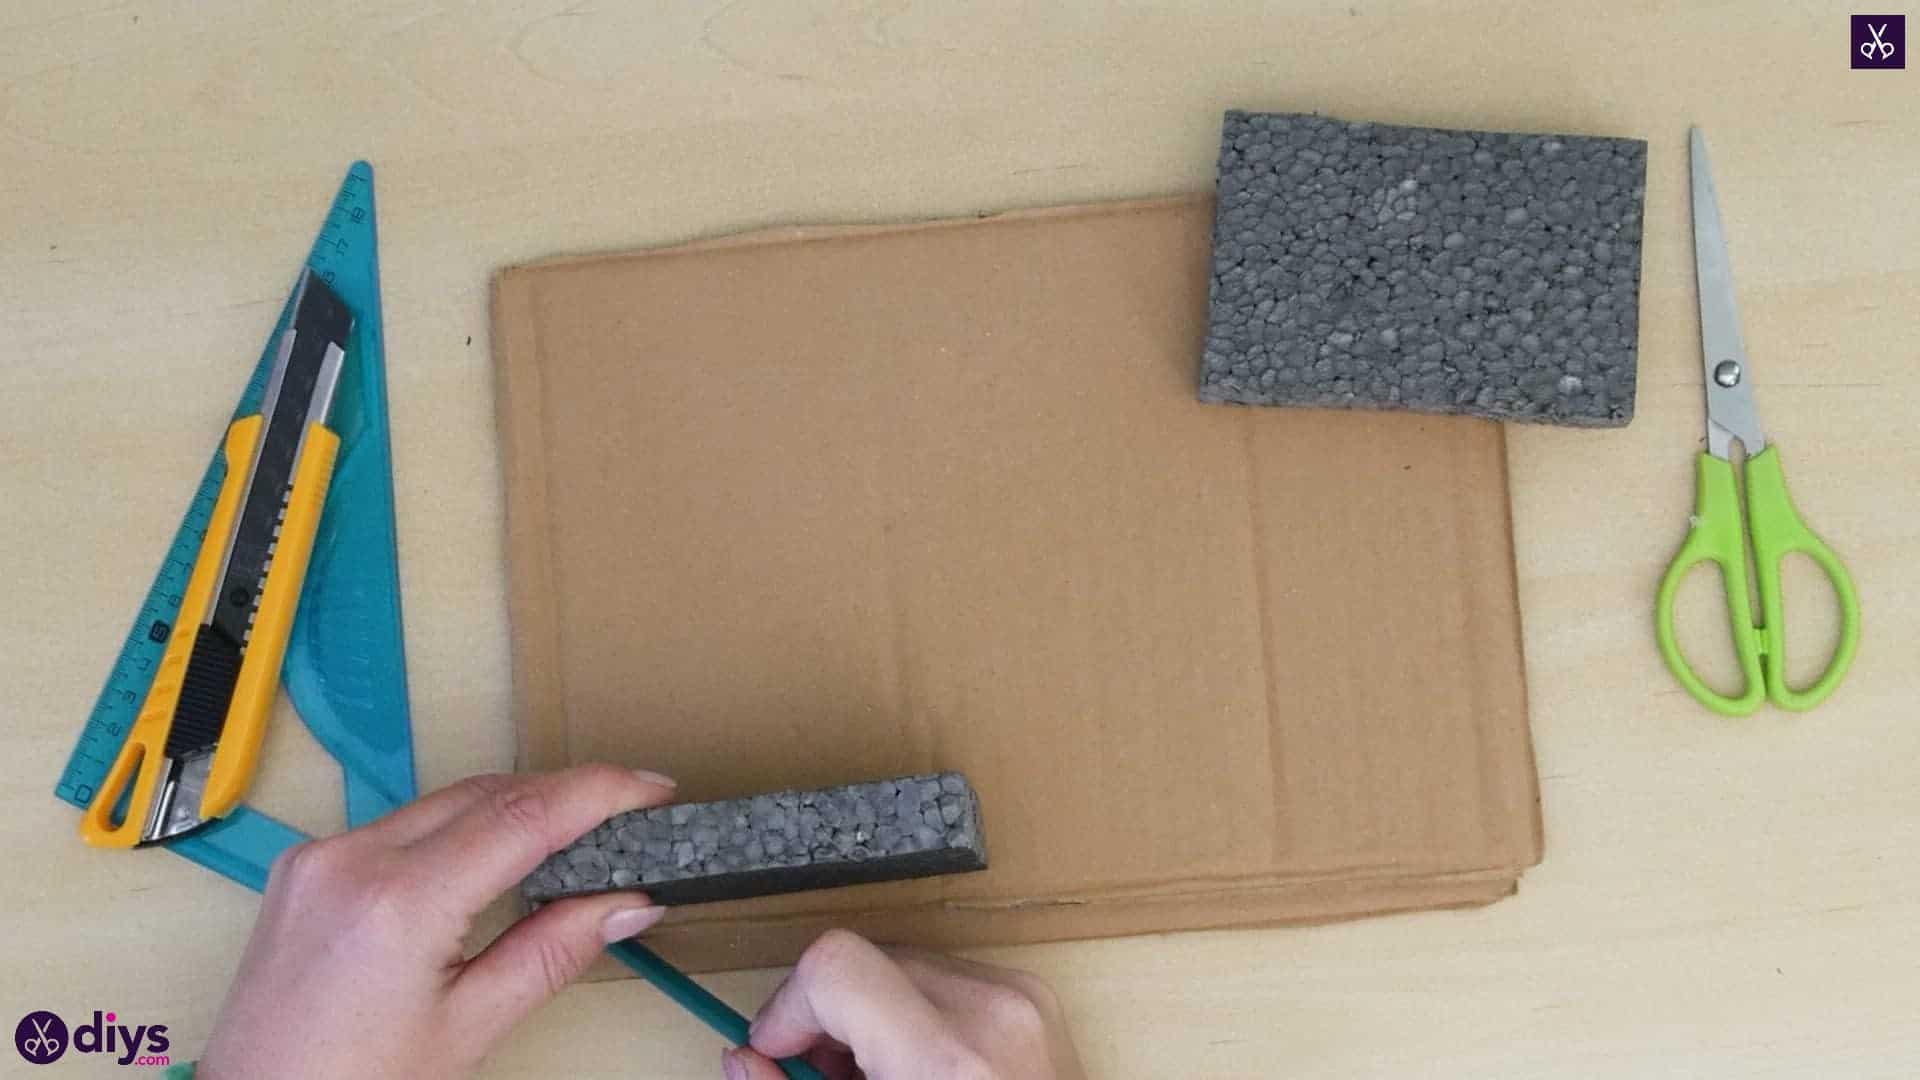 Diy miniature cage centerpiece step 3